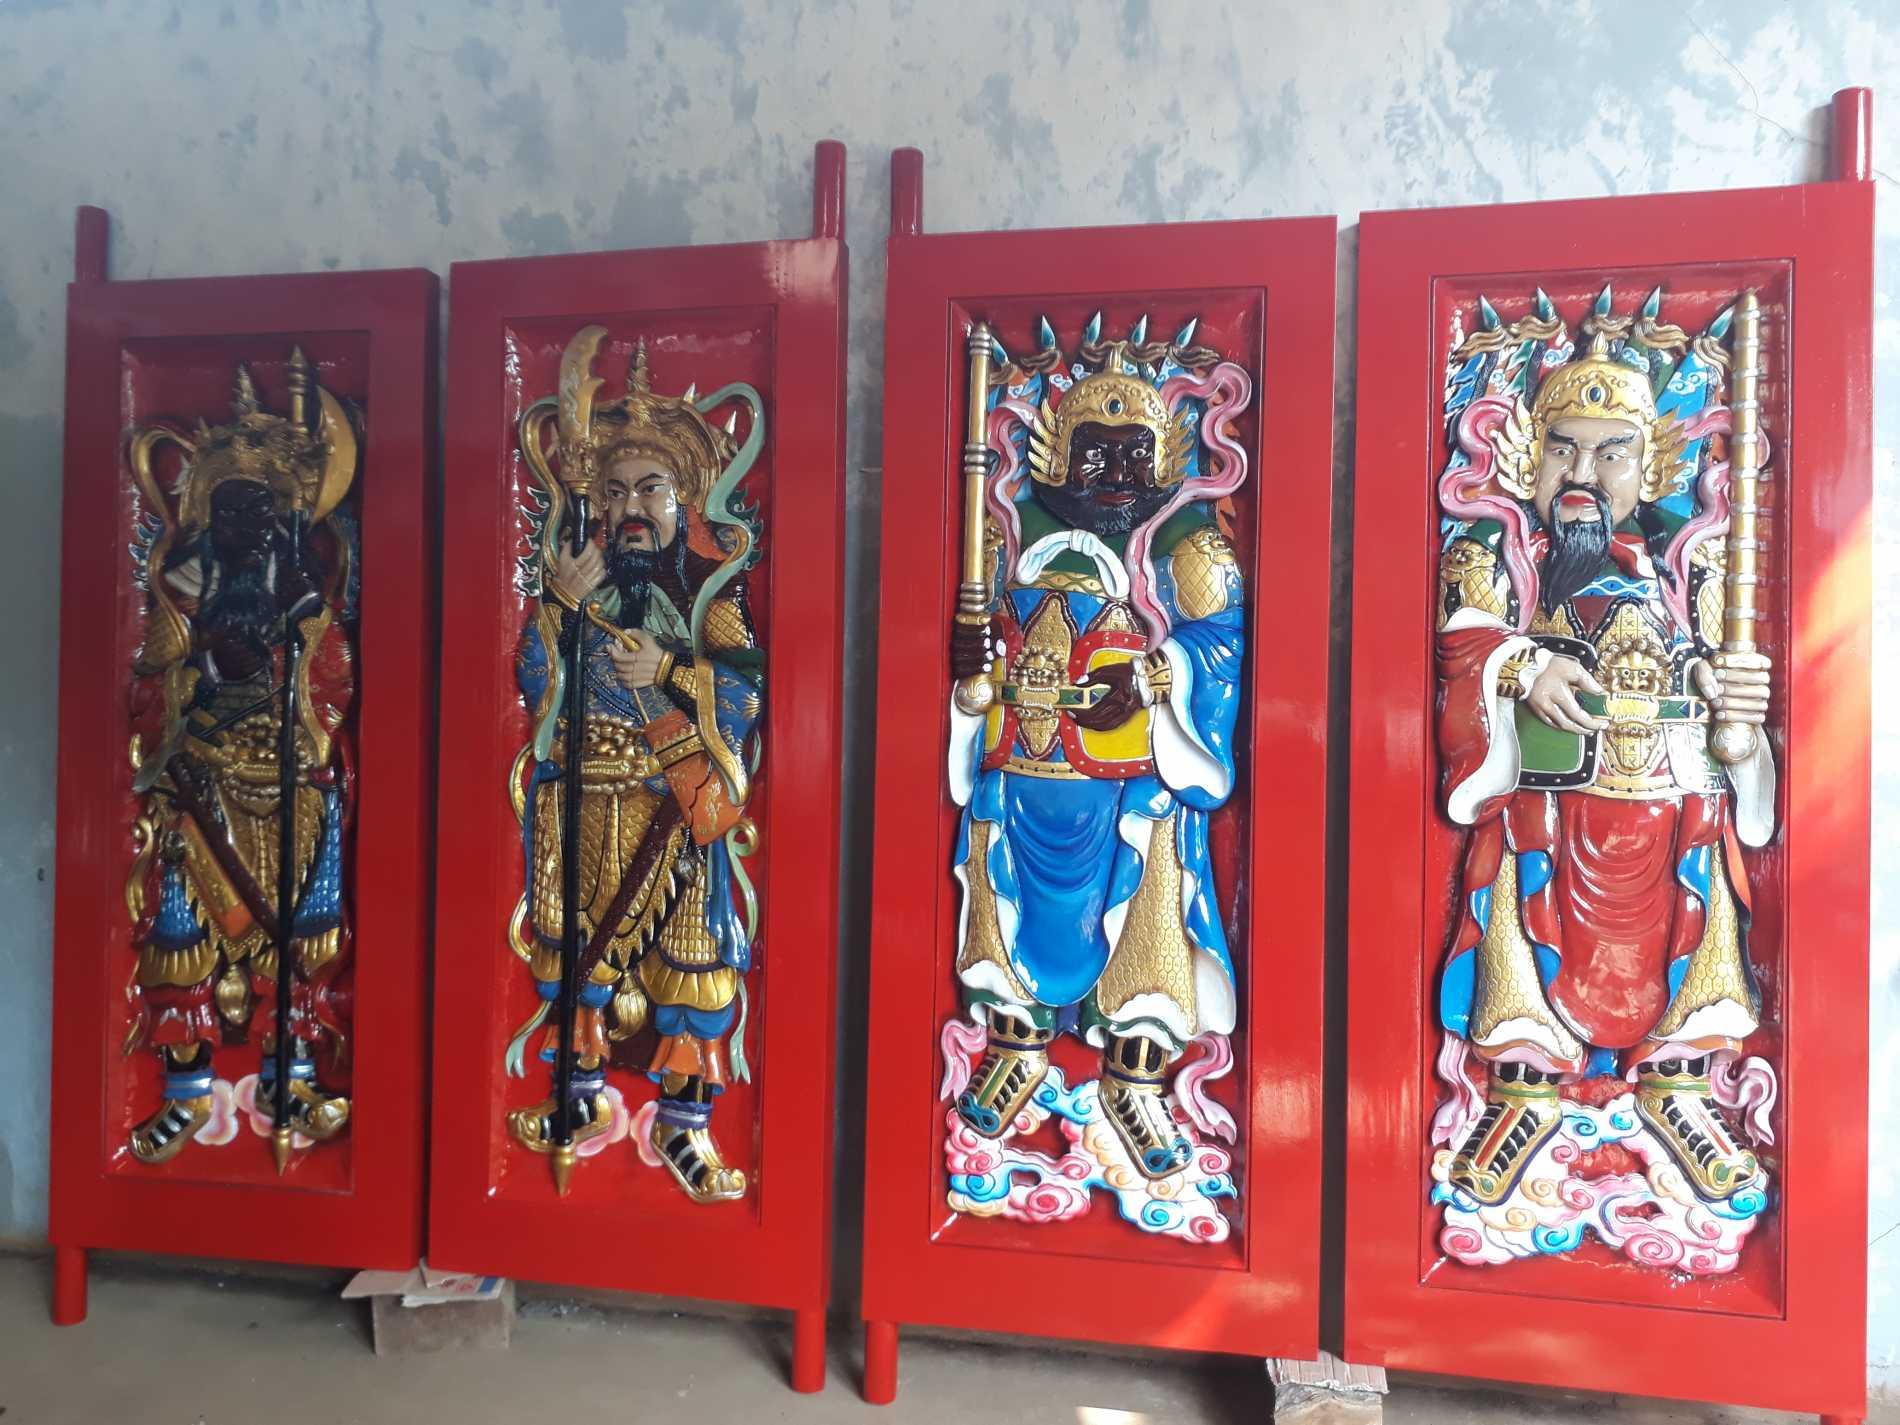 dewa pintu mensen penjaga pintu